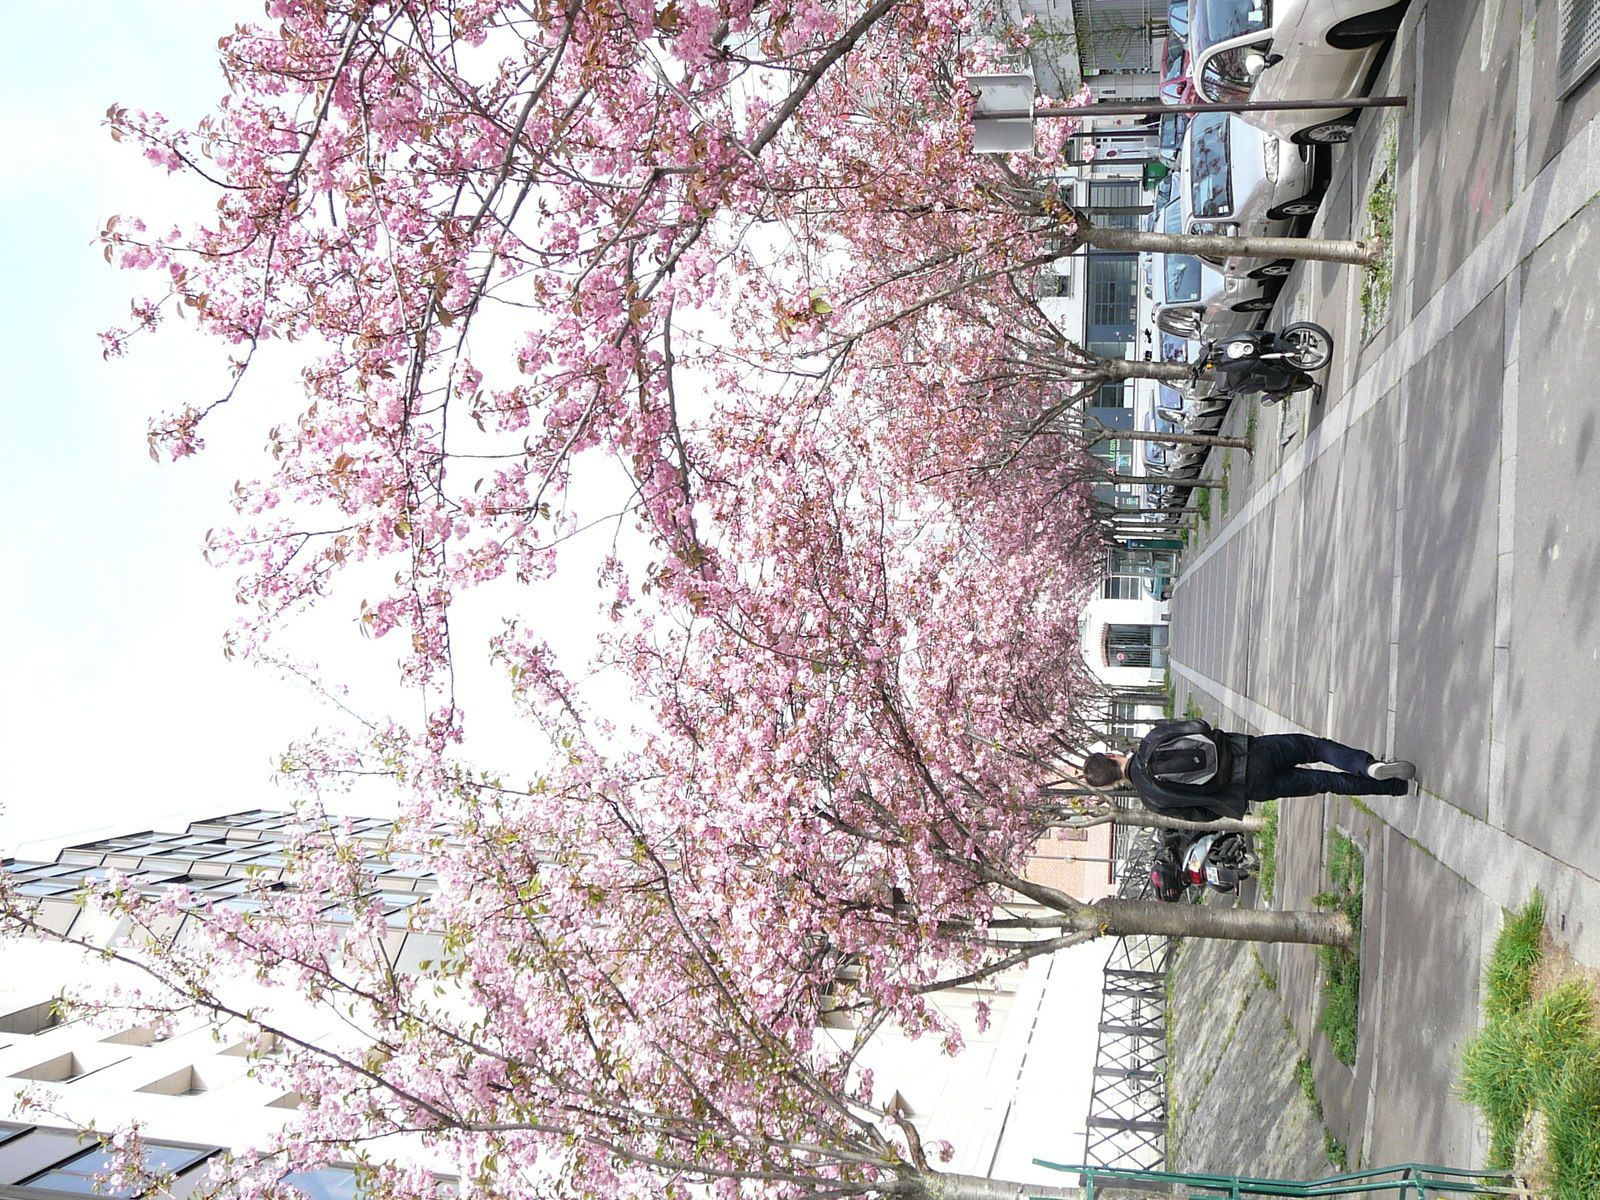 Les cerisiers parisiens